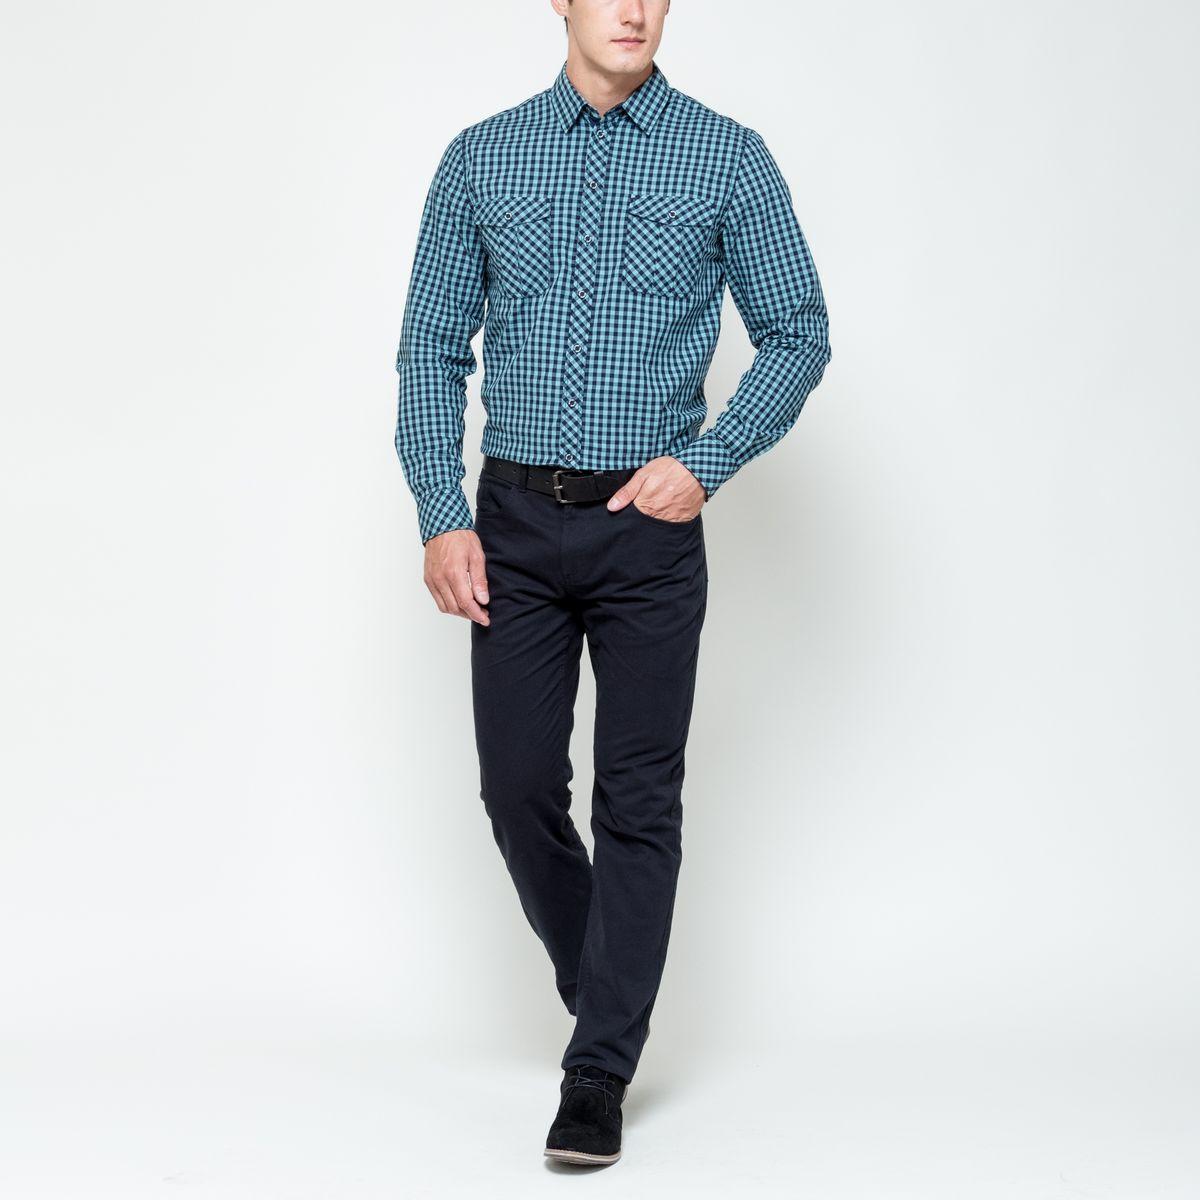 H-212/706-6322Мужская рубашка выполнена из натурального хлопка. Модель с отложным воротником и длинными рукавами застегивается на пуговицы по всей длине. Манжеты рукавов дополнены застежками-пуговицами. На груди рубашка дополнена накладными карманами с клапанами на пуговицах.